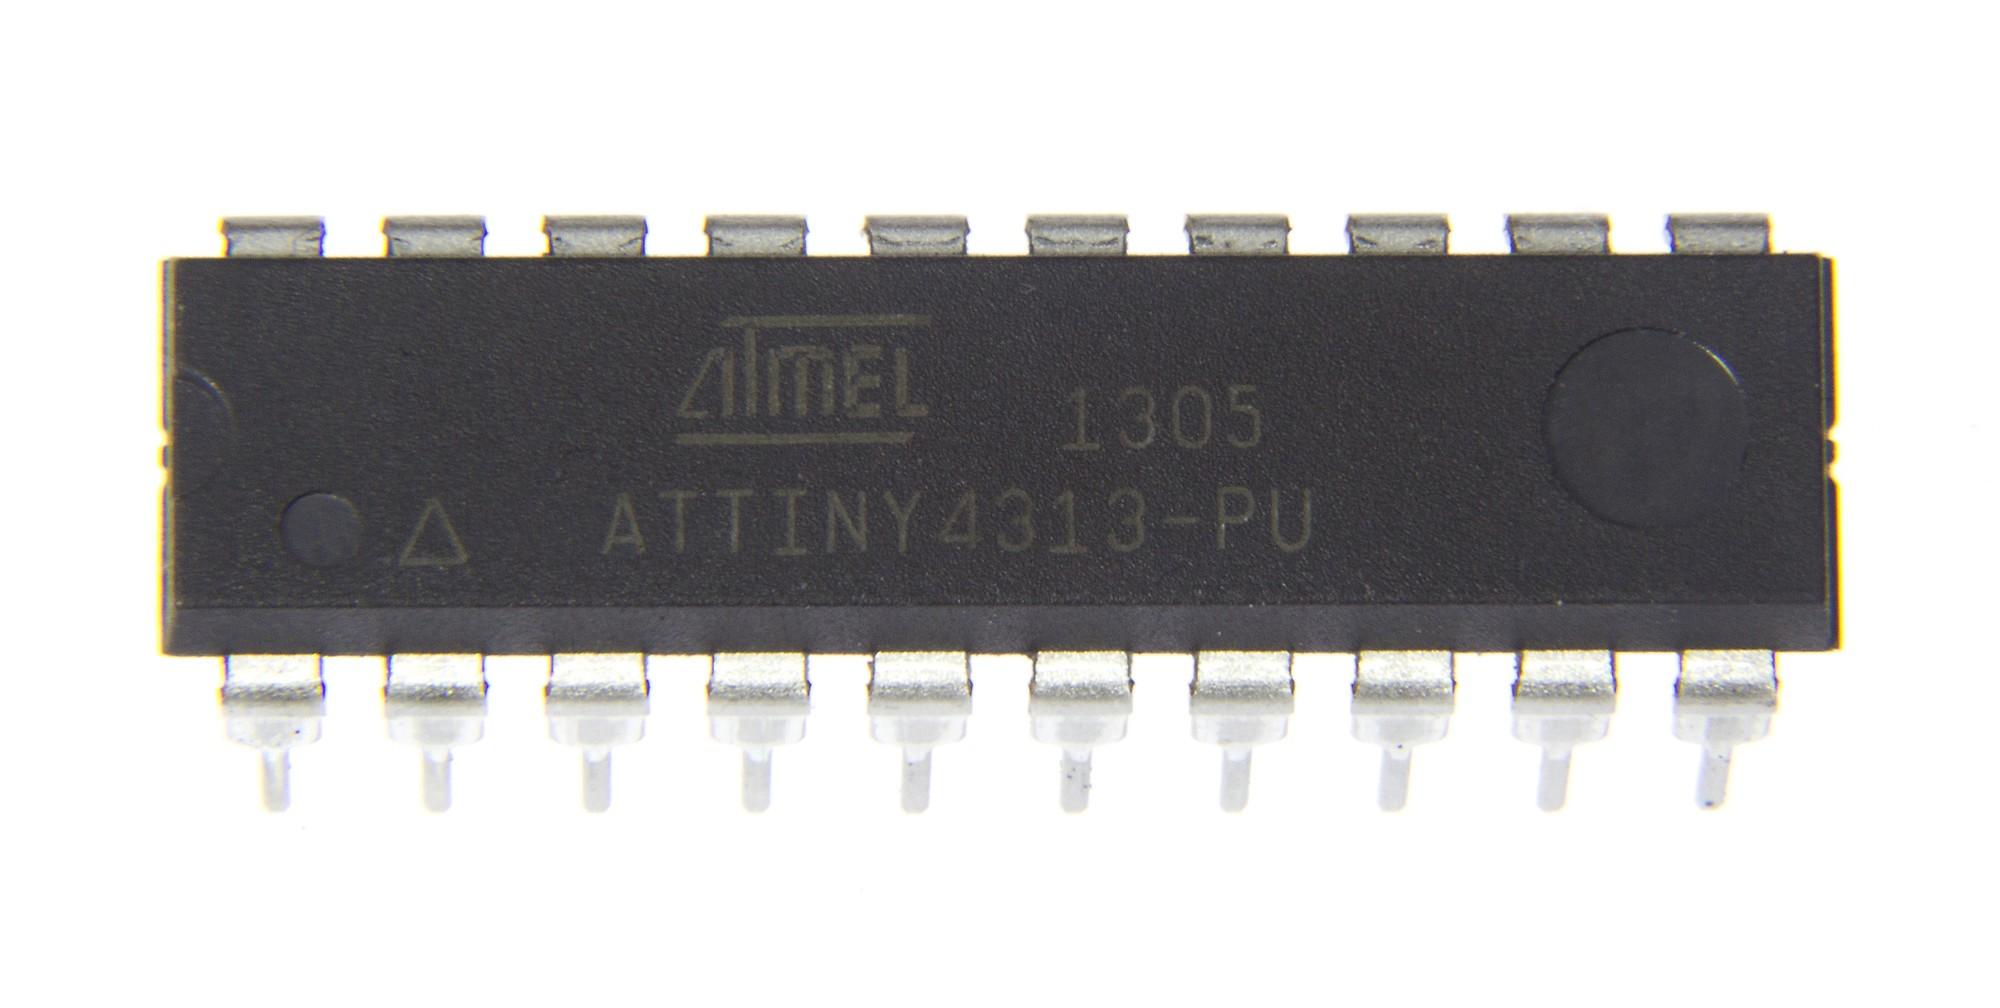 Geprogrammeerde microcontroller voor de ultrasone afstandsmeter (130546-41)